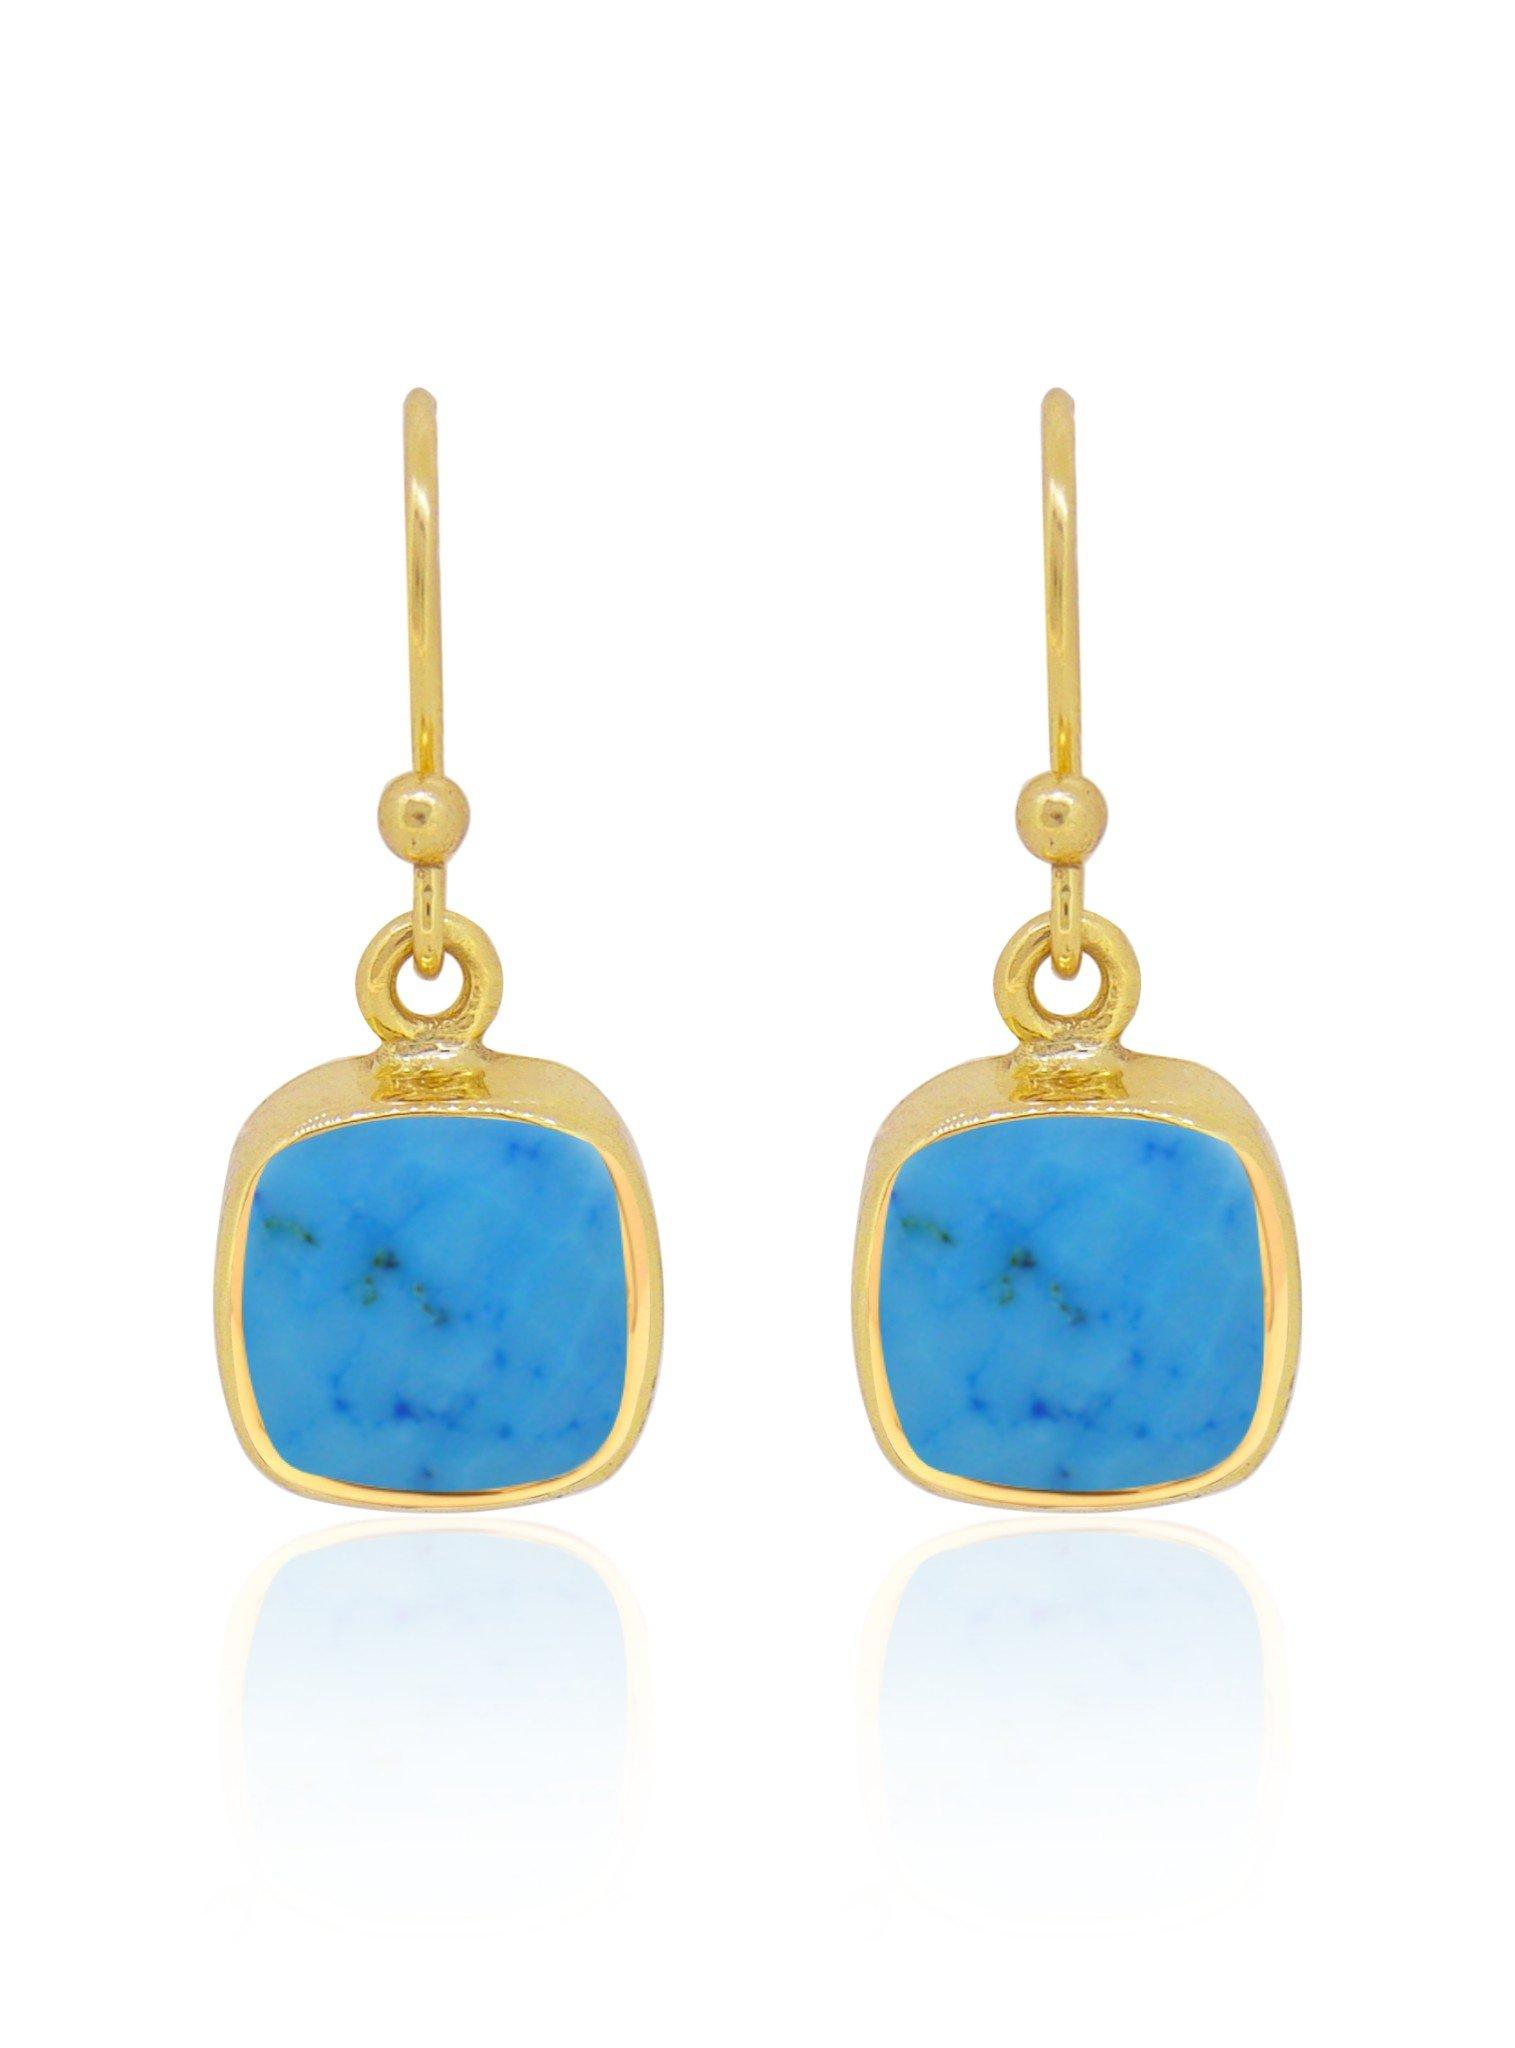 Indie Sleeping Beauty Turquoise Gemstone Earrings Gold